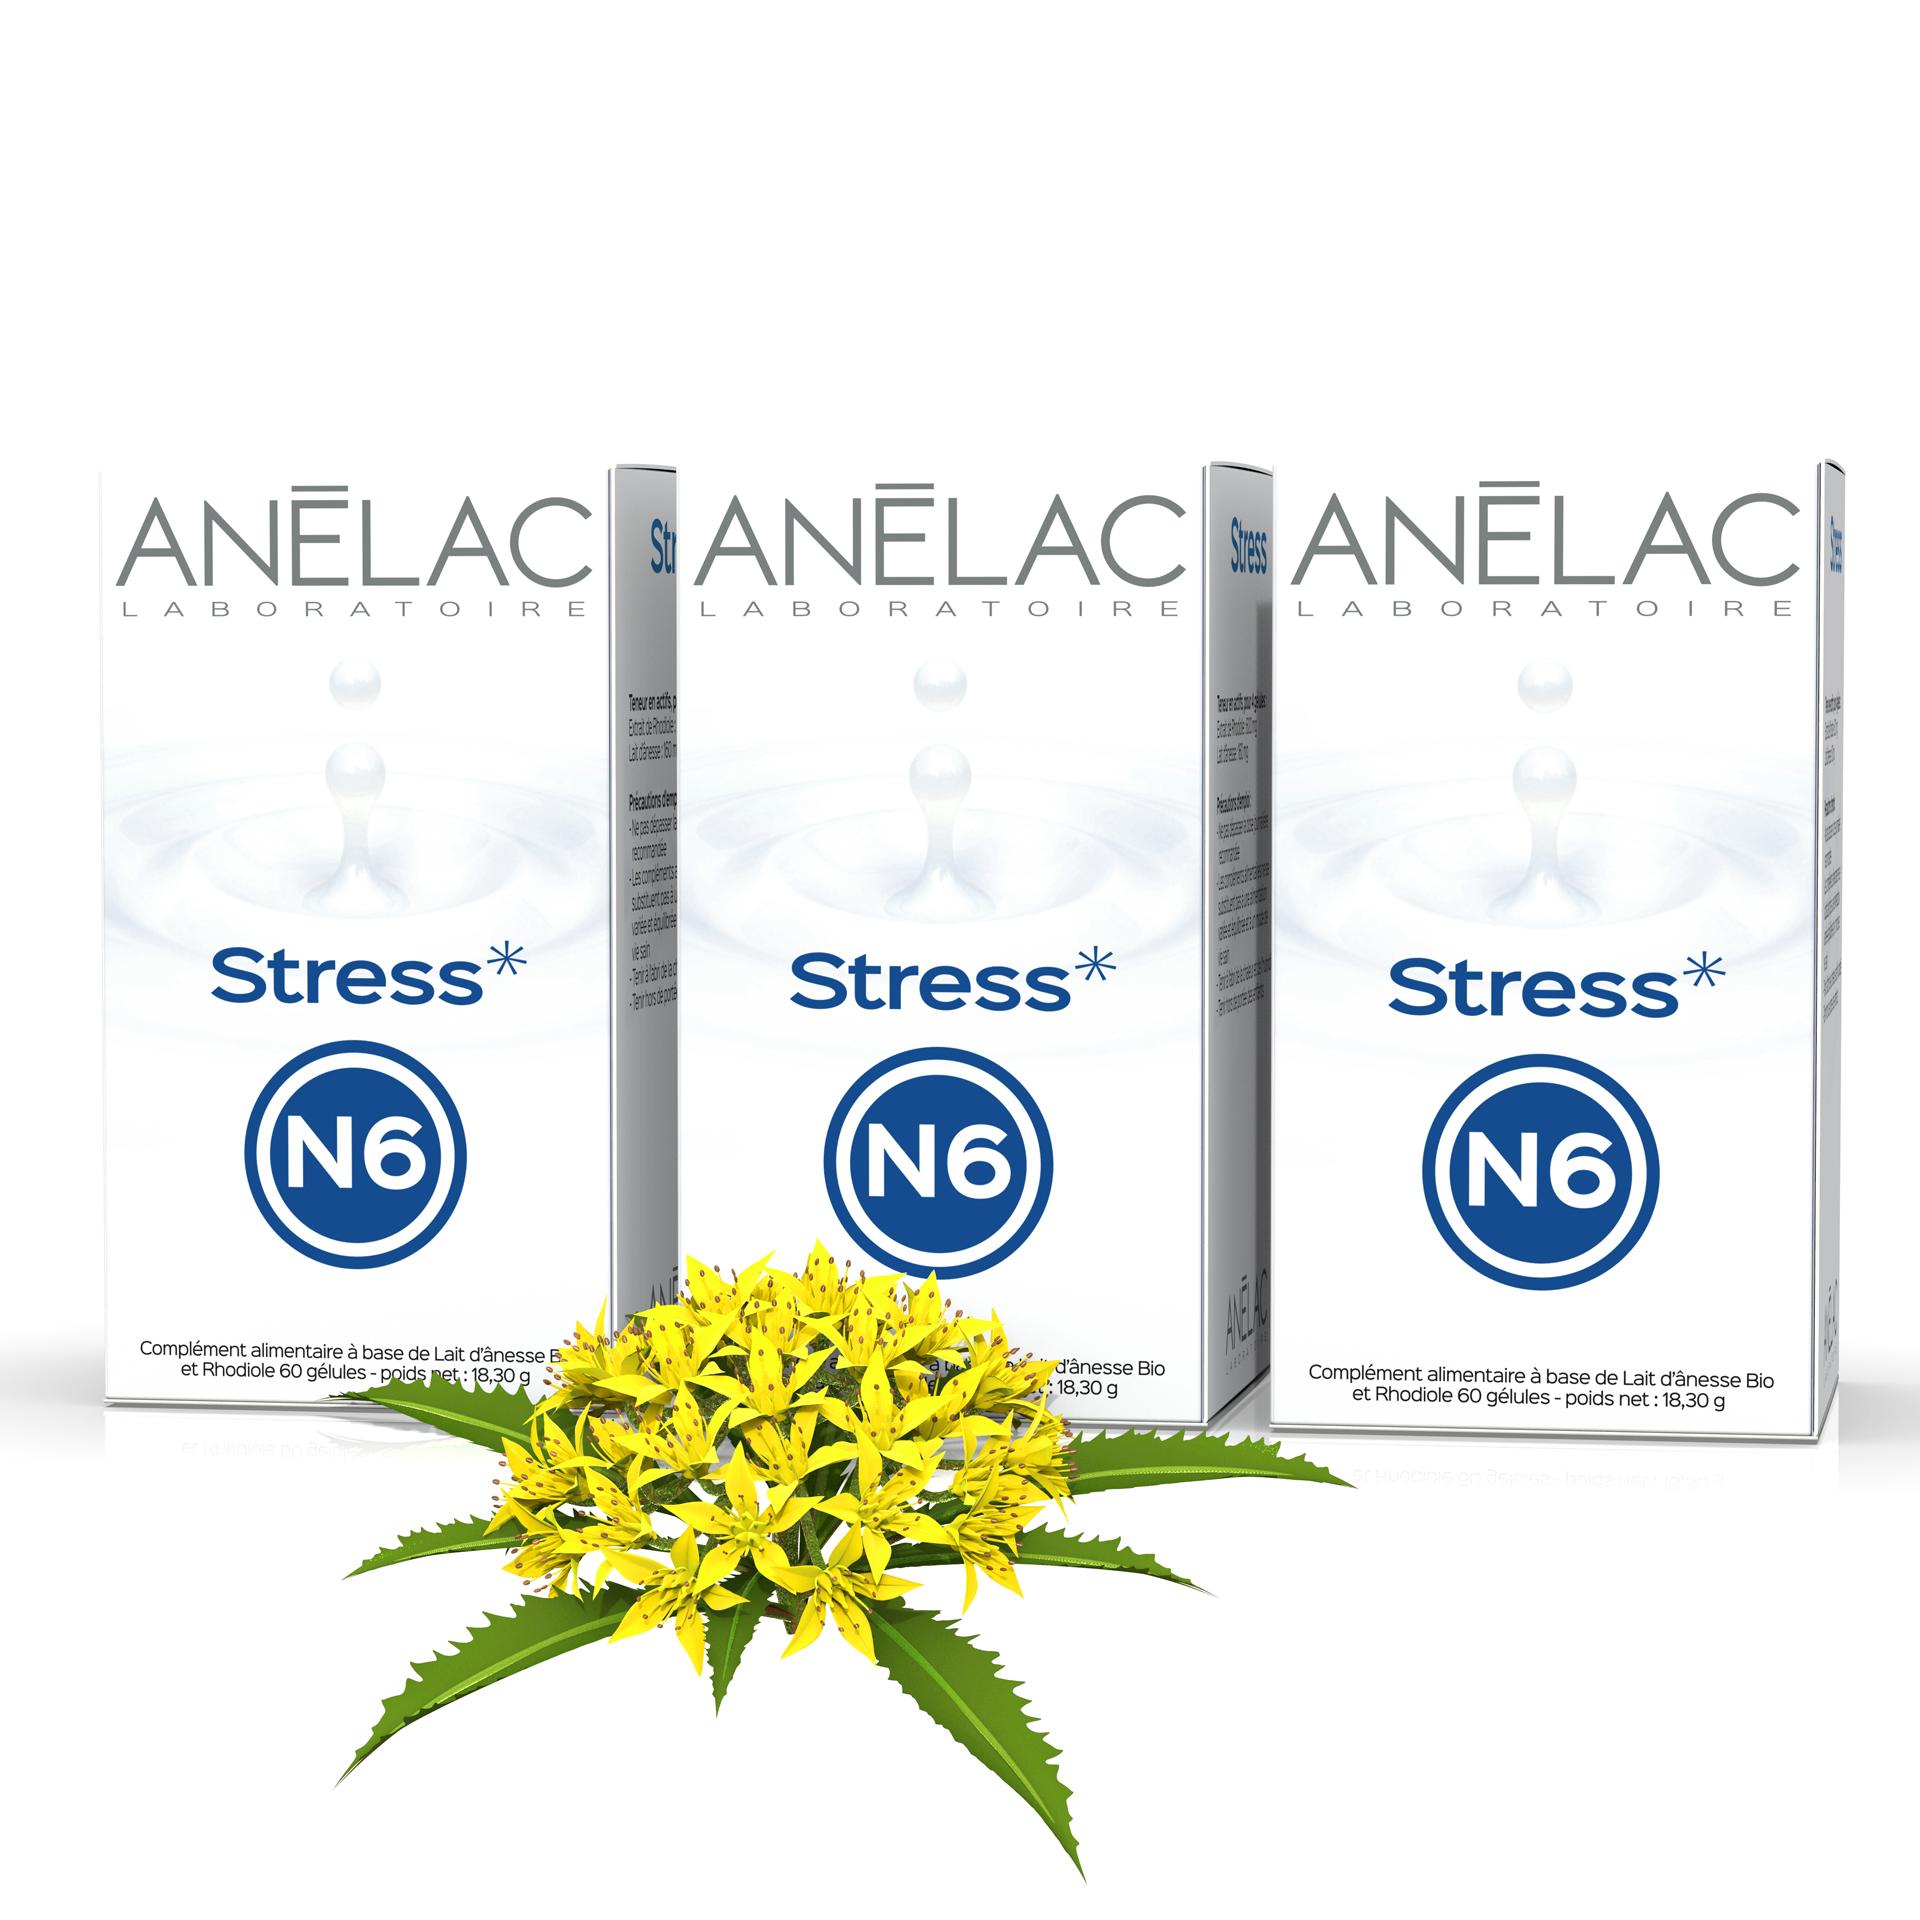 ANELAC Stress N6 BIO